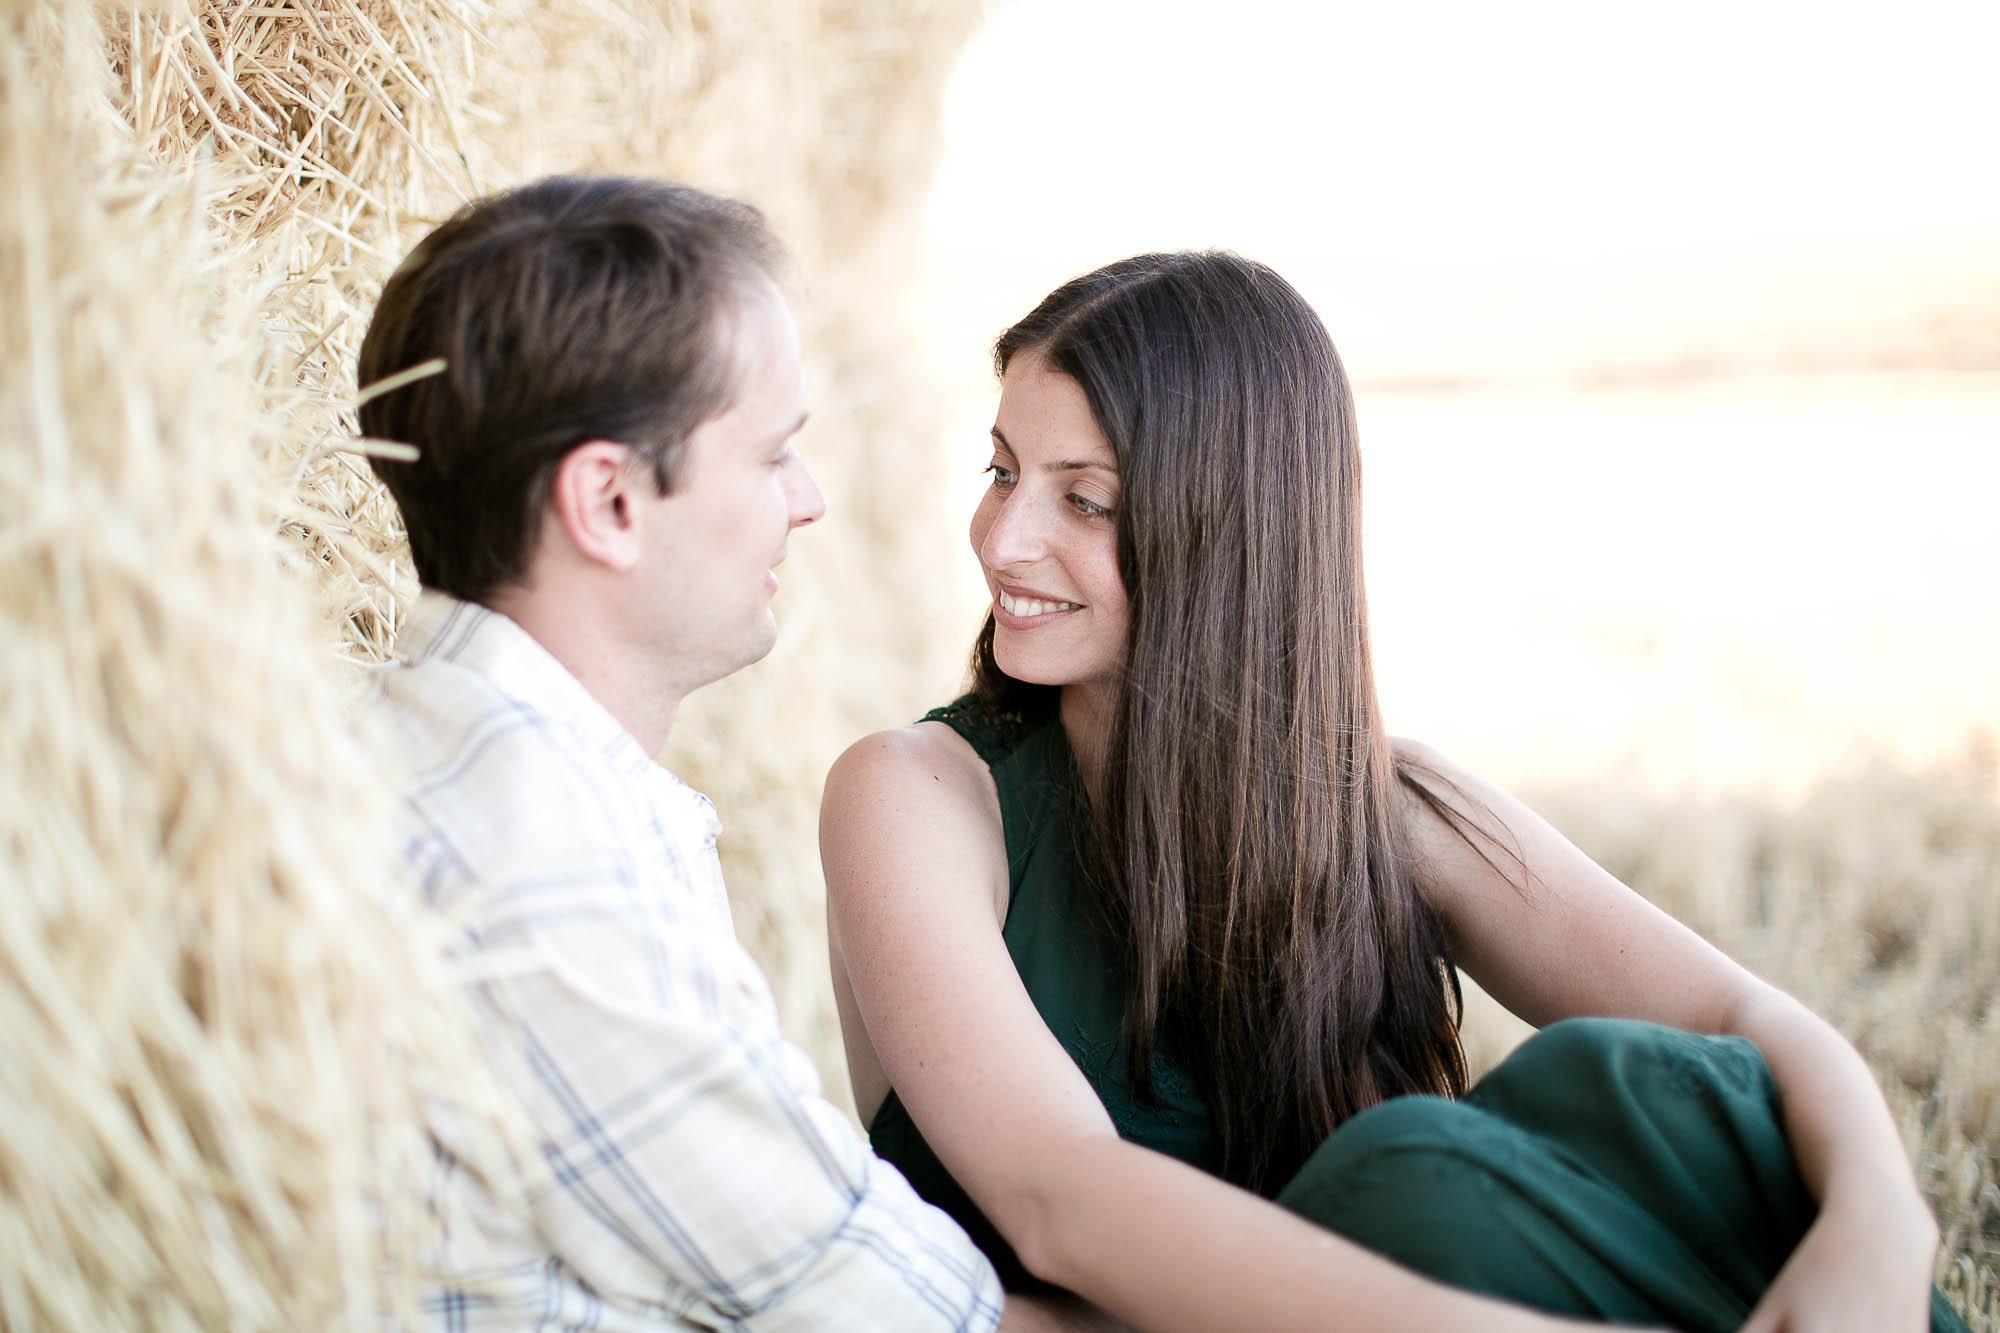 La pareja sentada en el trigal se mira enamorada